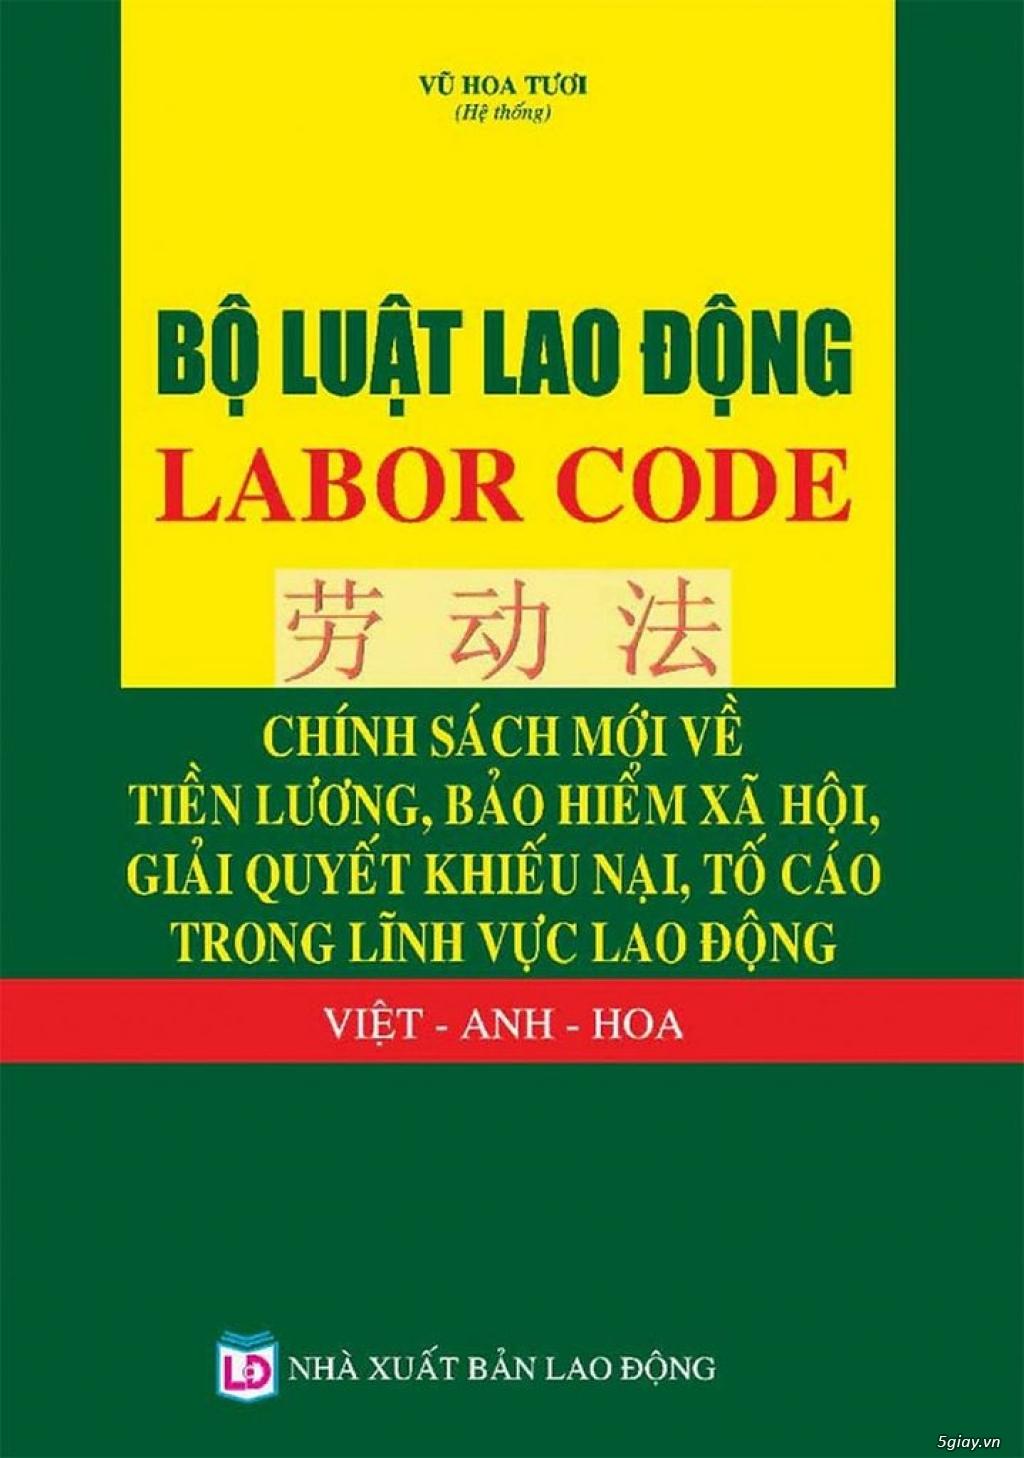 Bộ luật lao động 2019 Việt, anh, hoa - 1